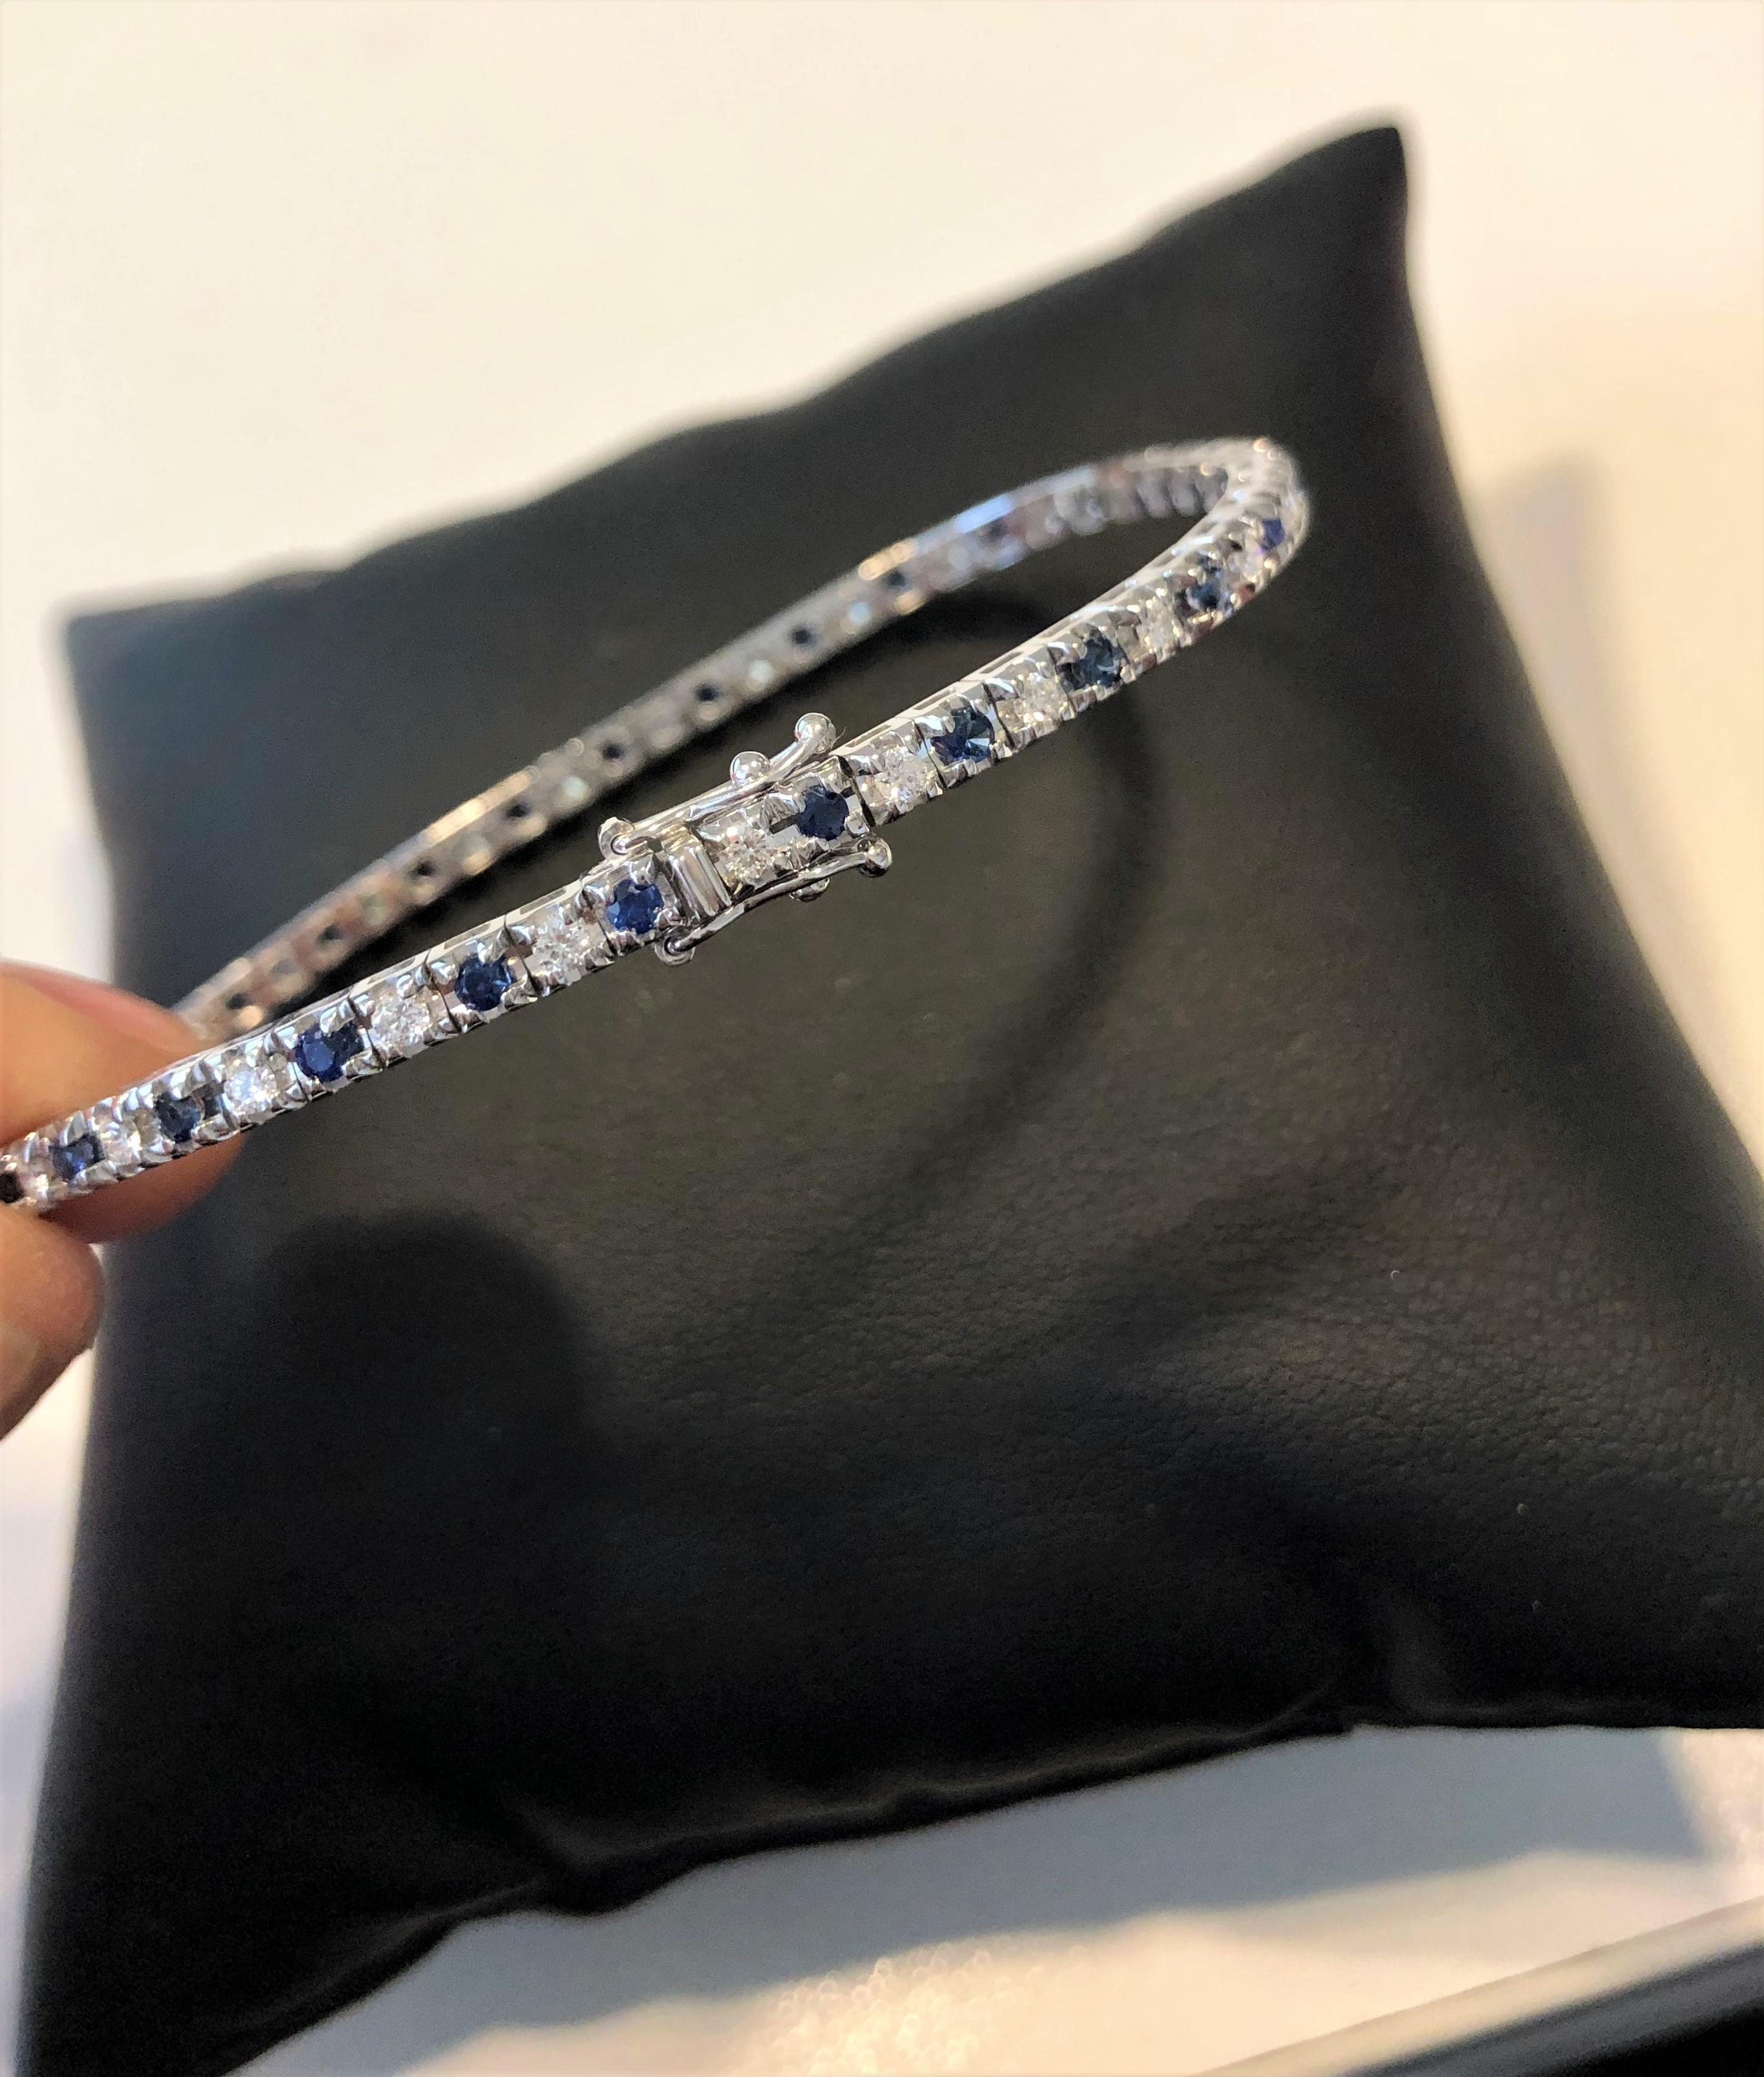 Bracciale tennis con diamanti e zaffiri blu